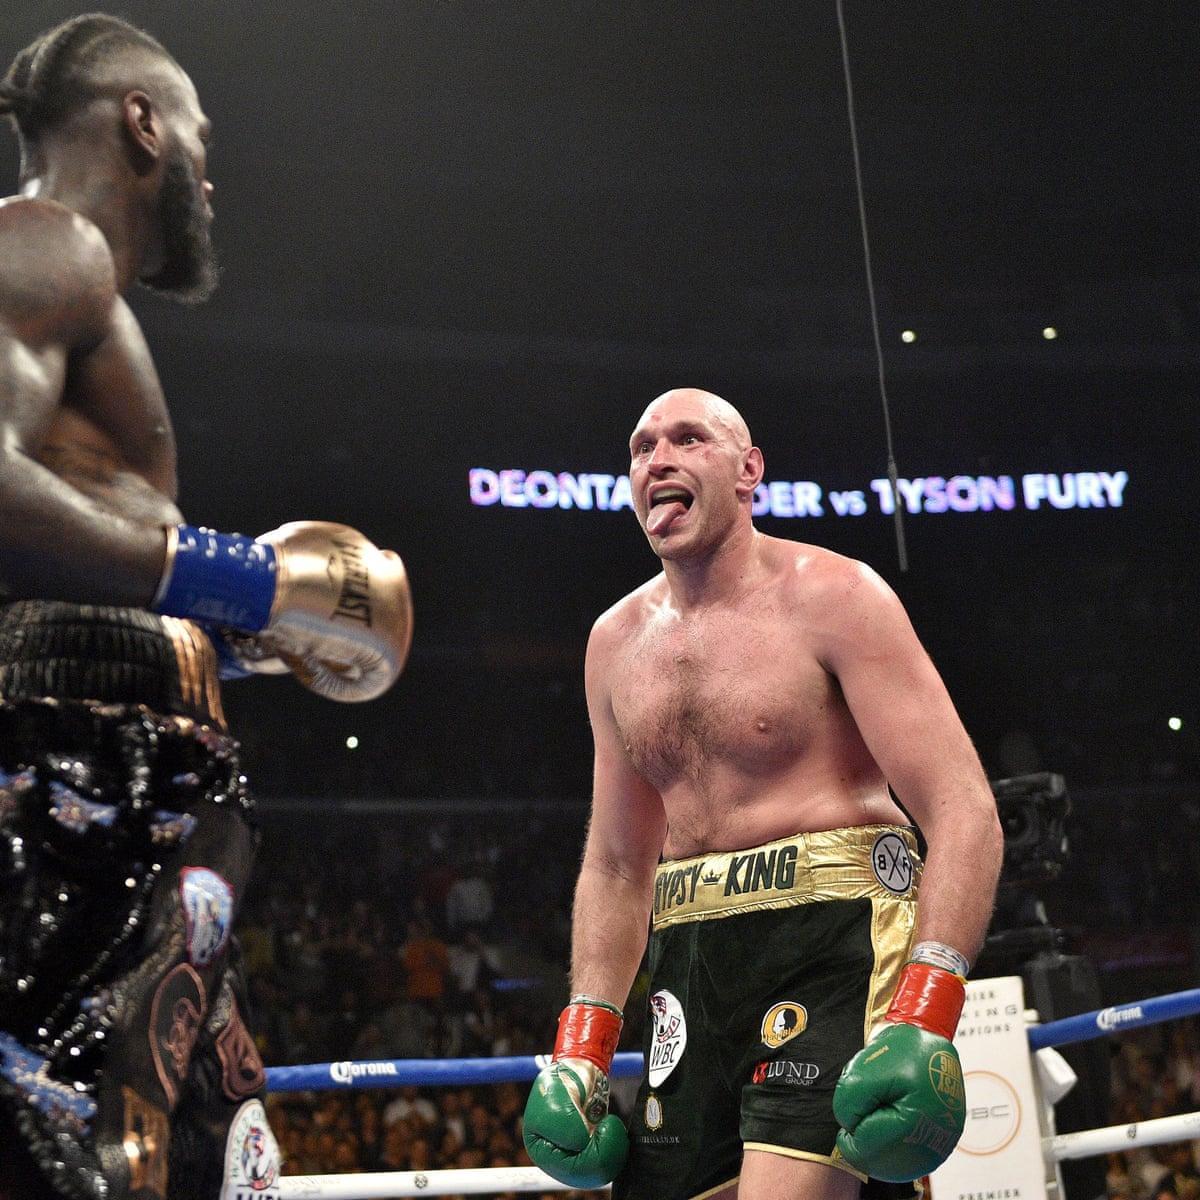 三大主流格斗项目世界最强拳王都是白人,黑人为何突然不能打了?